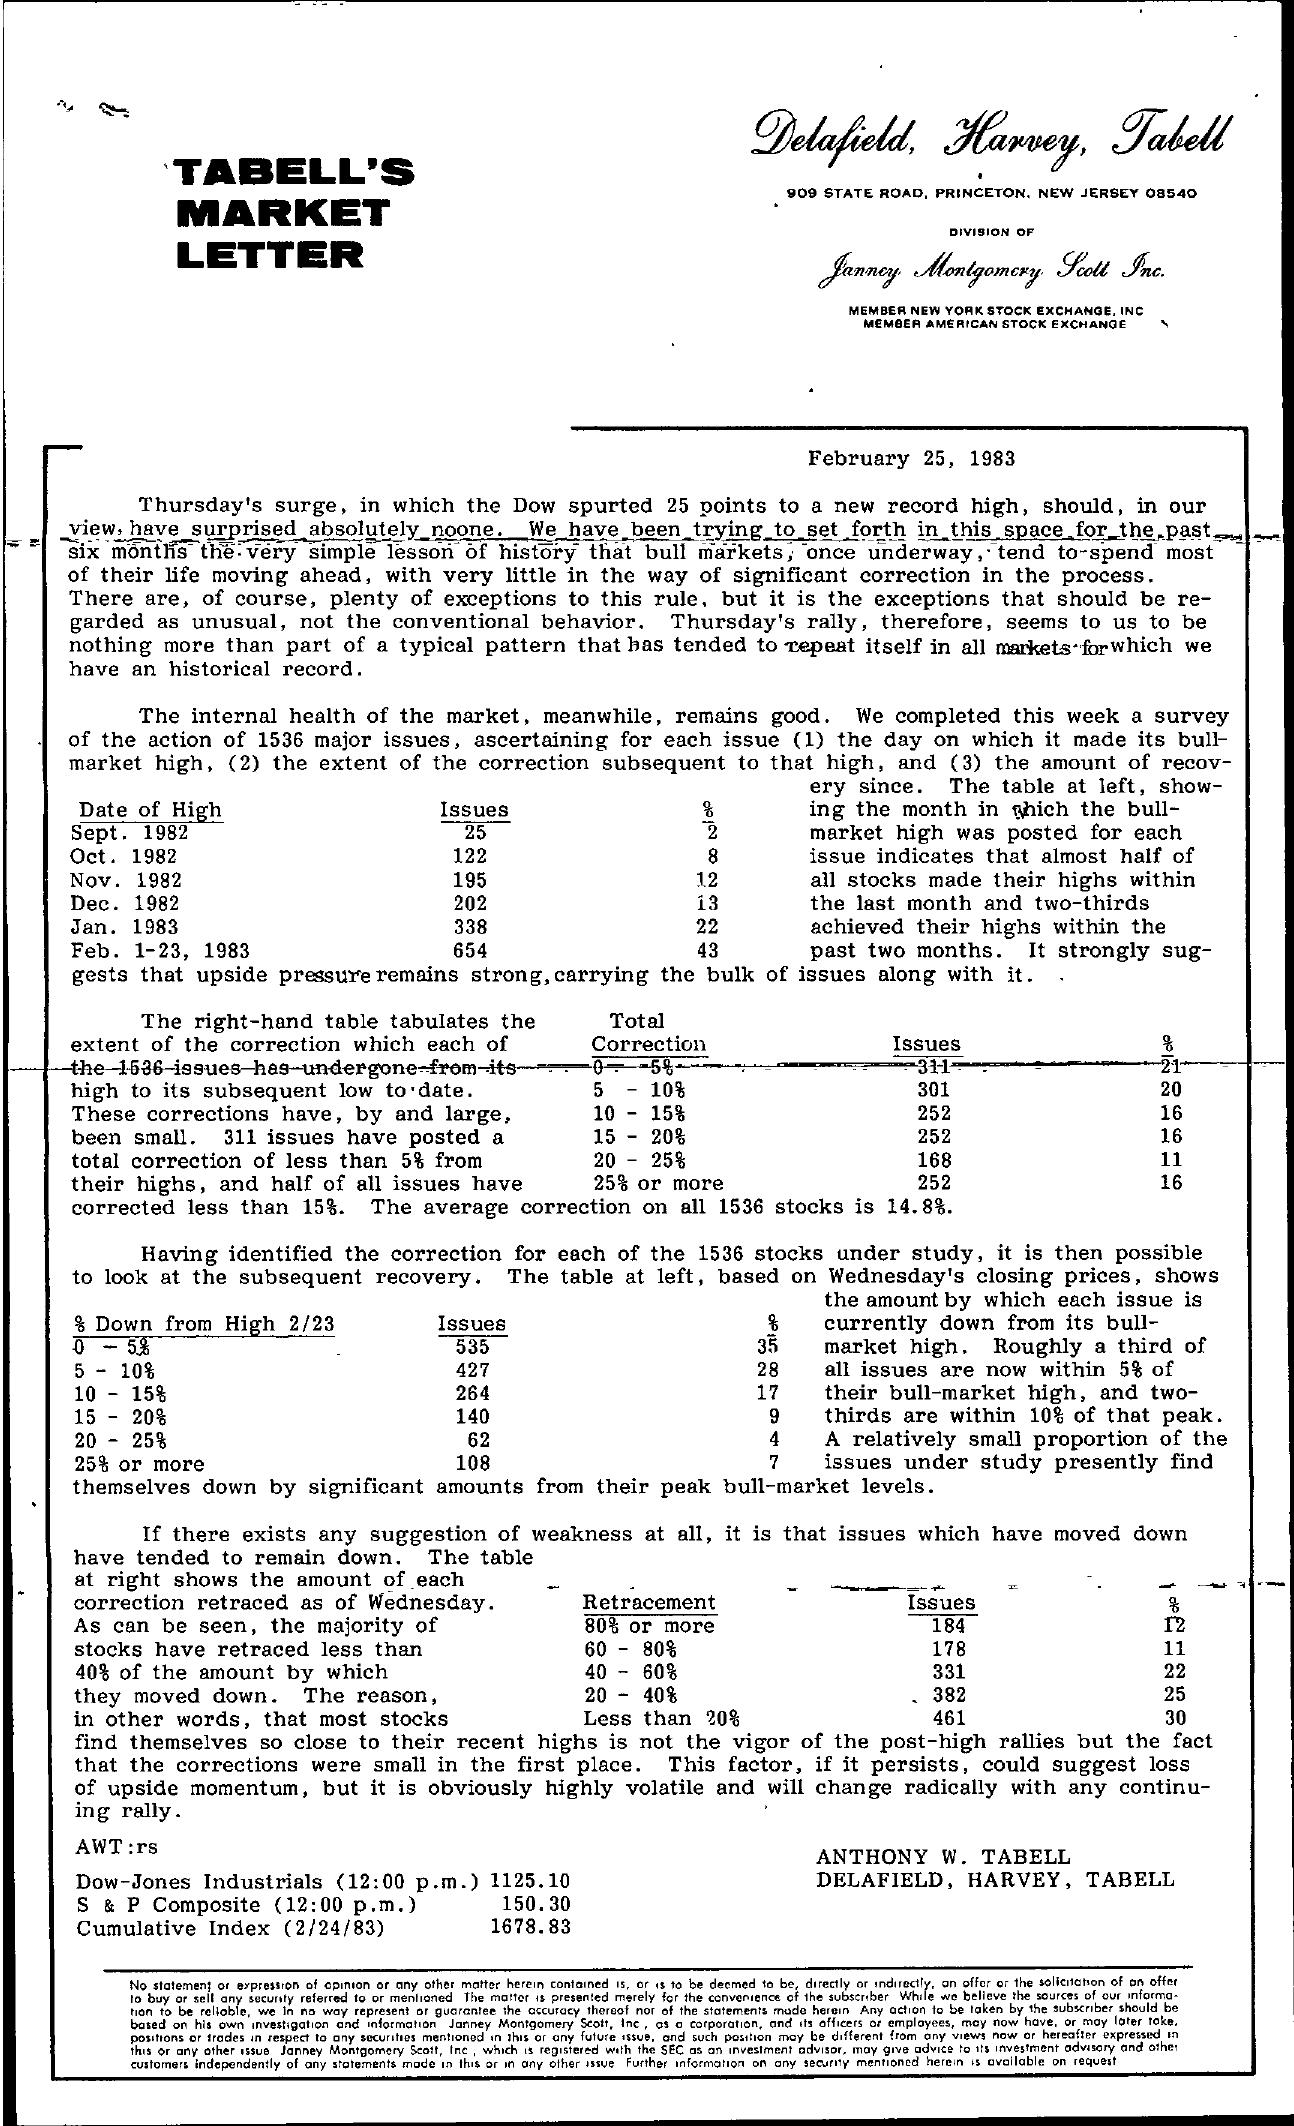 Tabell's Market Letter - February 25, 1983